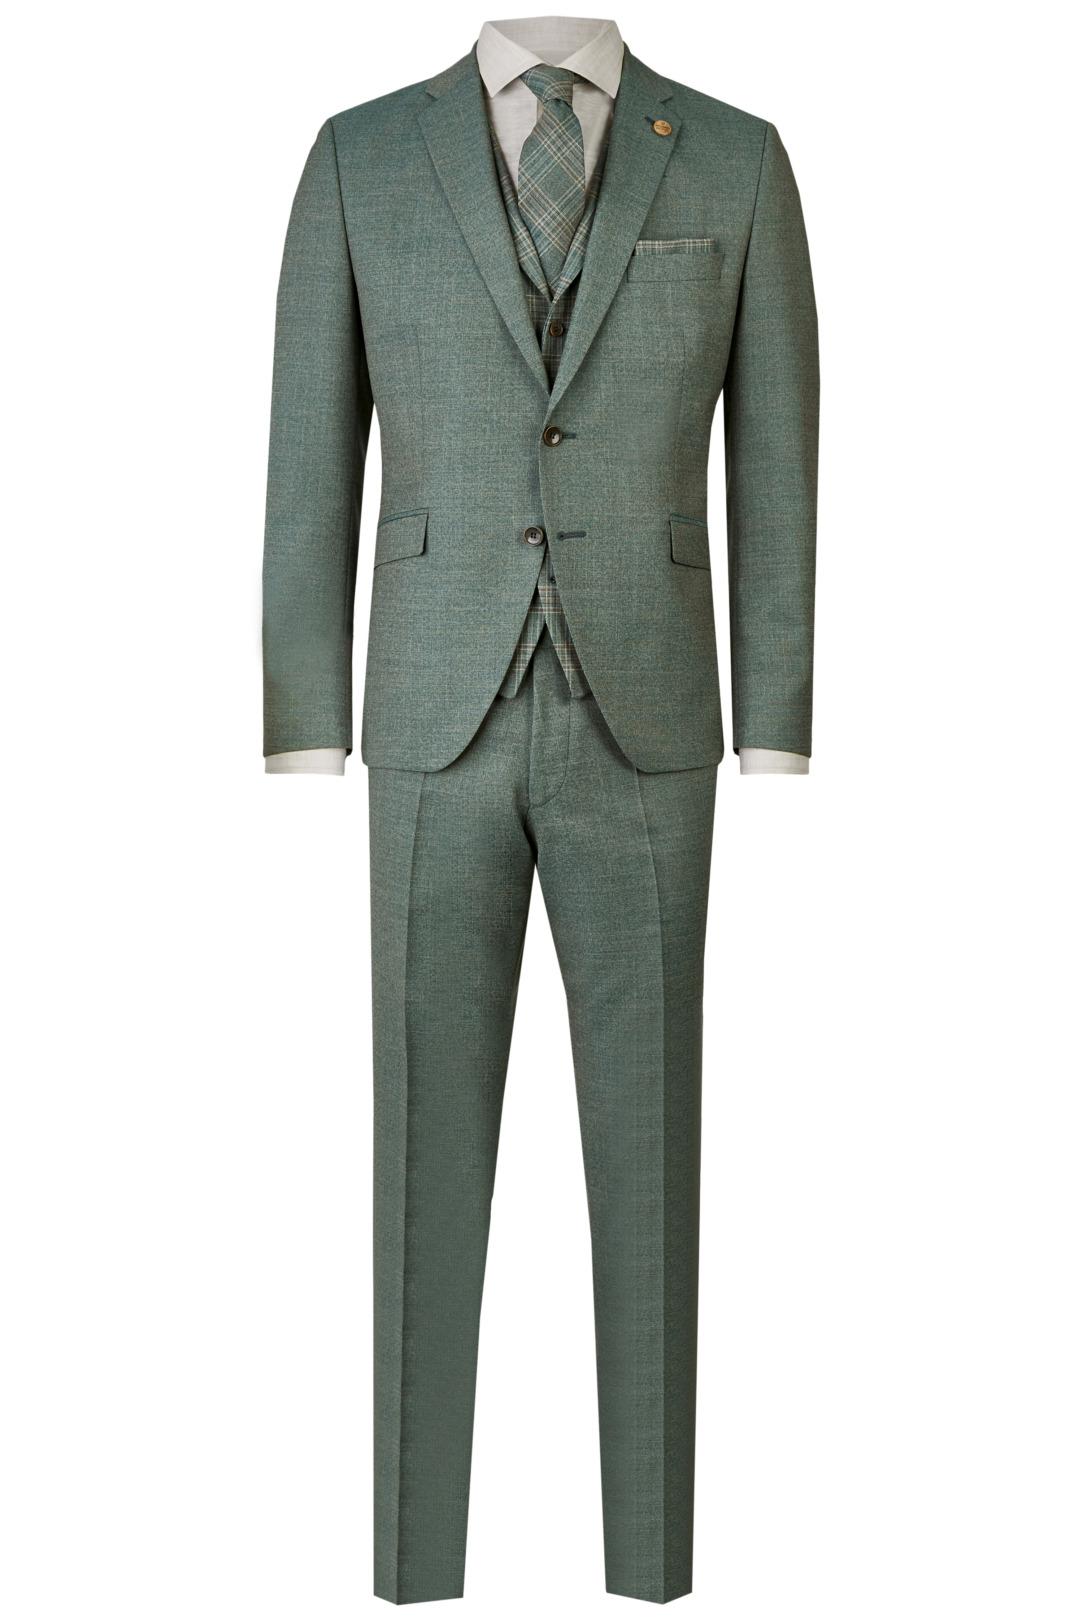 Wilvorst Green Wedding Hochzeitsanzug Männer Mode Bräutigam klassische Form vintage boho Stil grün wil_0121_otf_gw-look-1_1